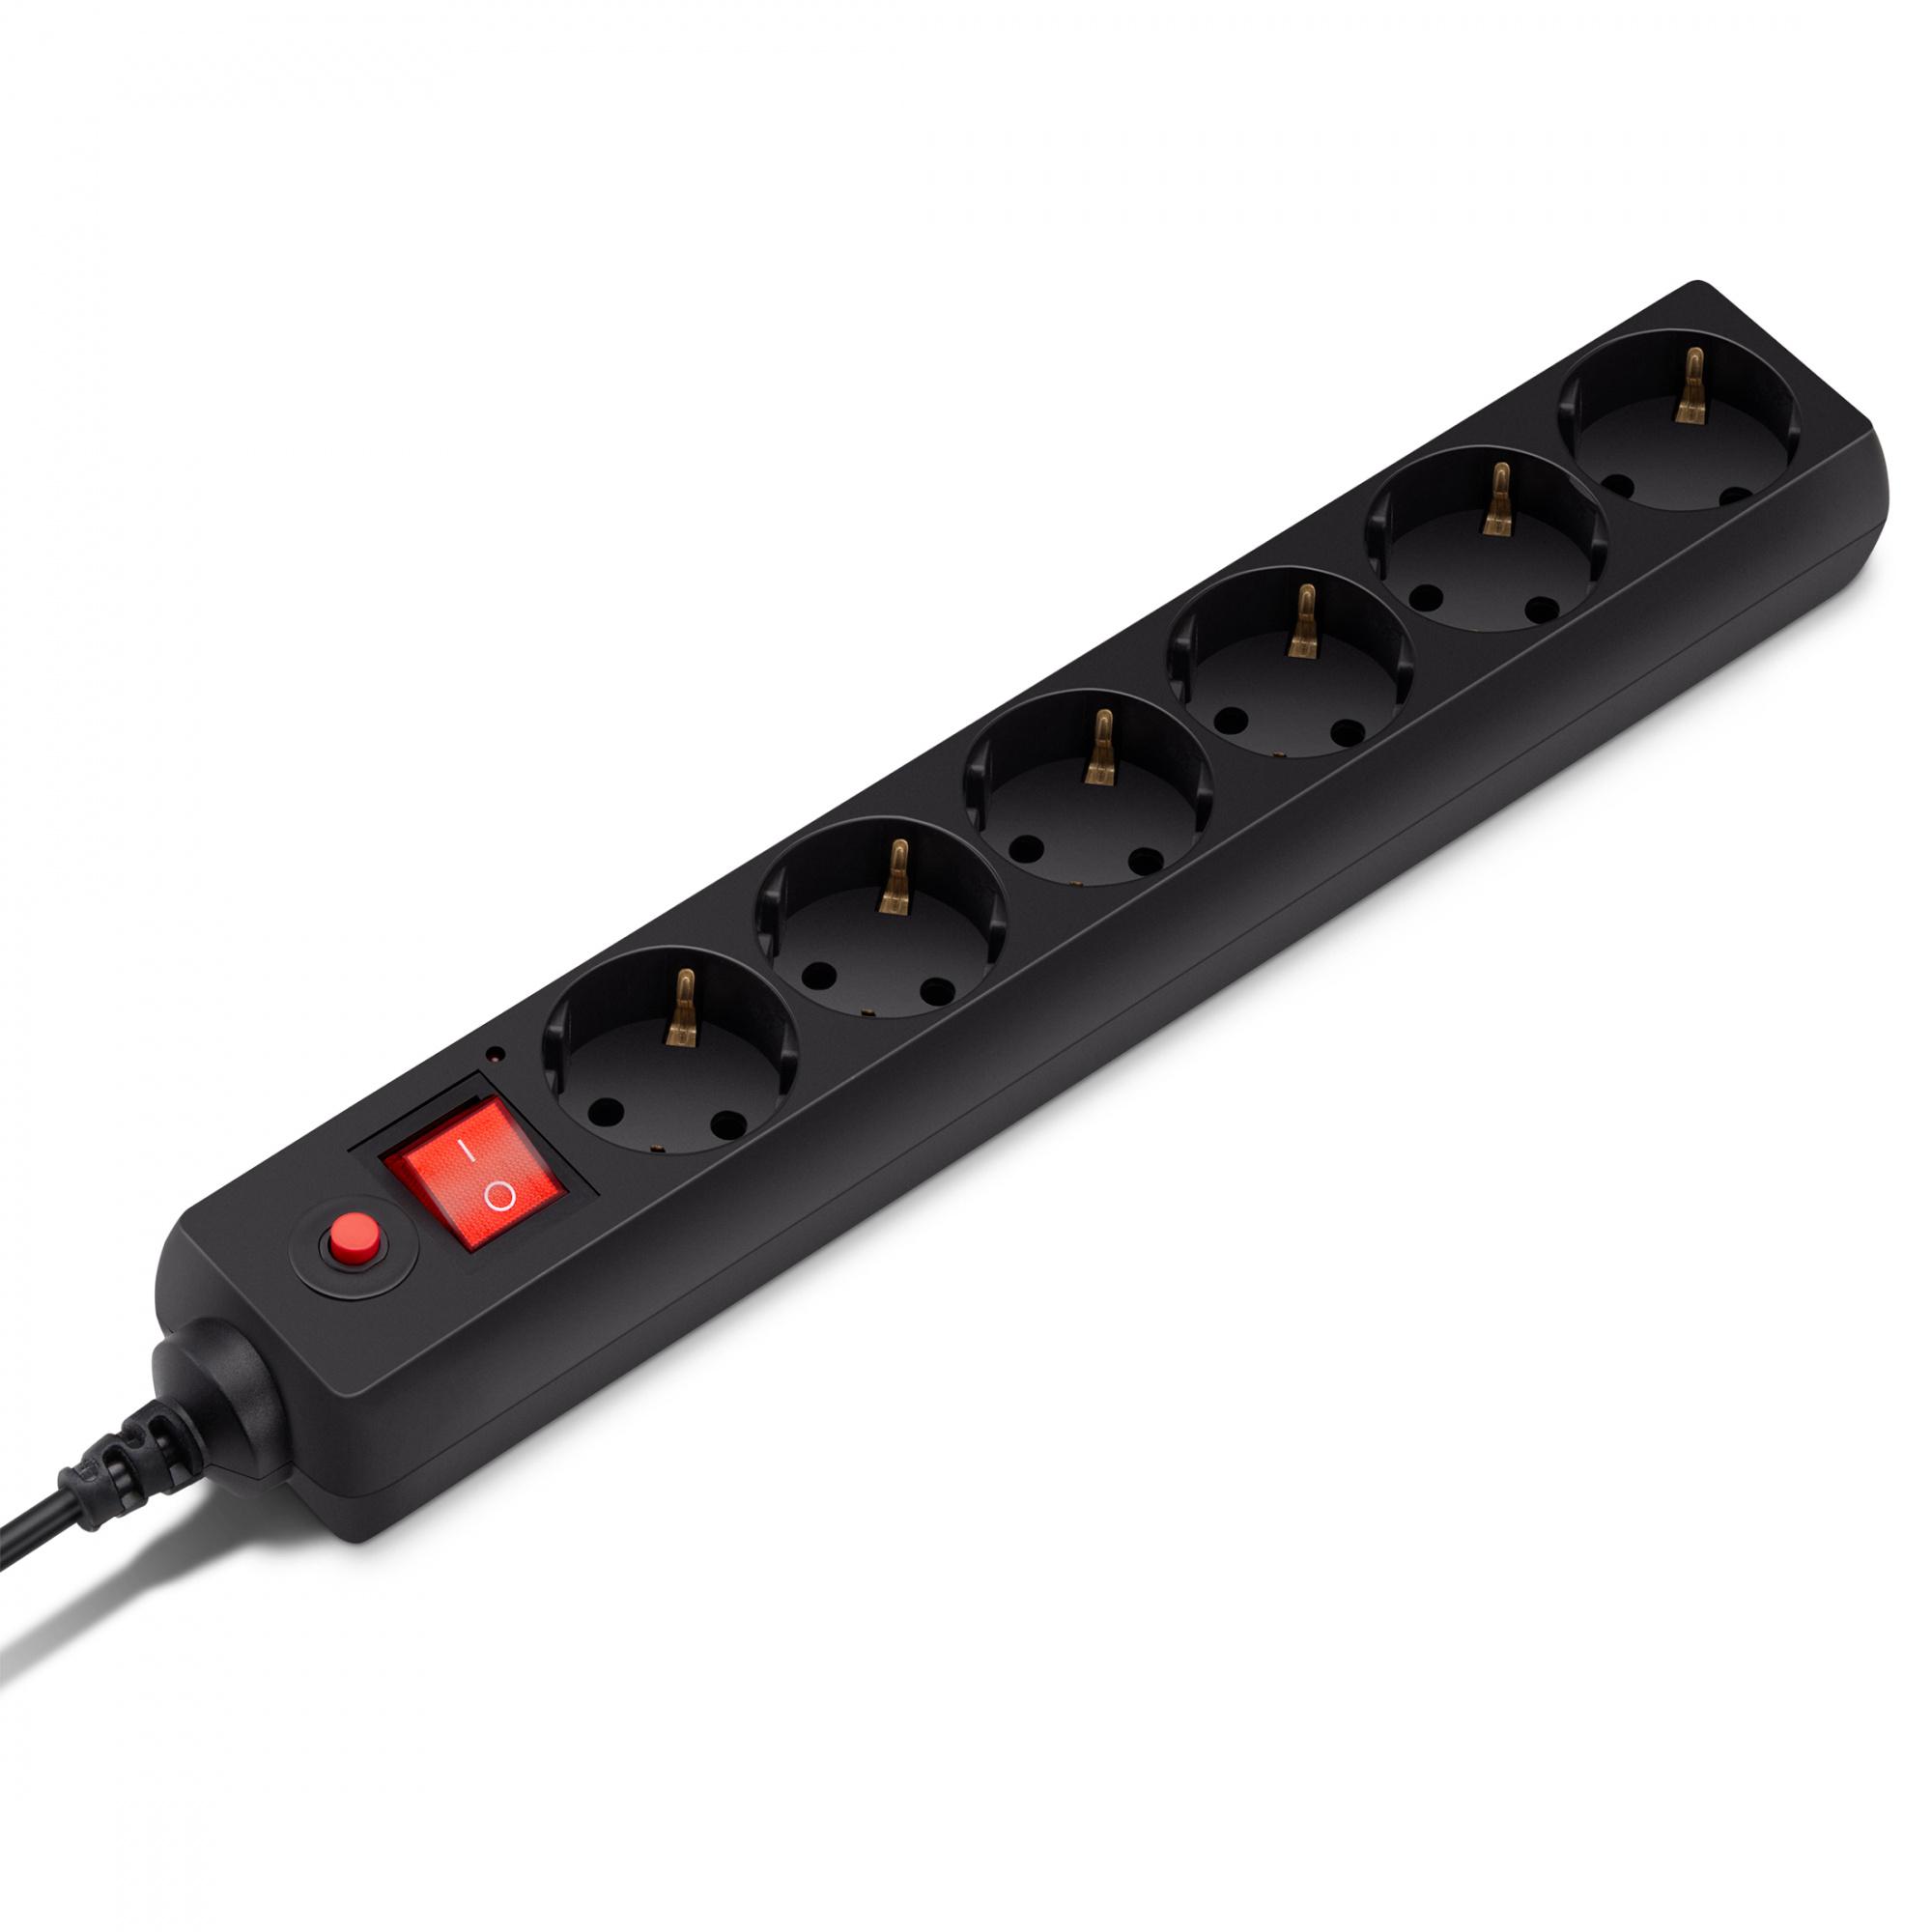 Сетевой фильтр Buro 600SH-1.8-B 1.8м (6 розеток) черный (коробка)